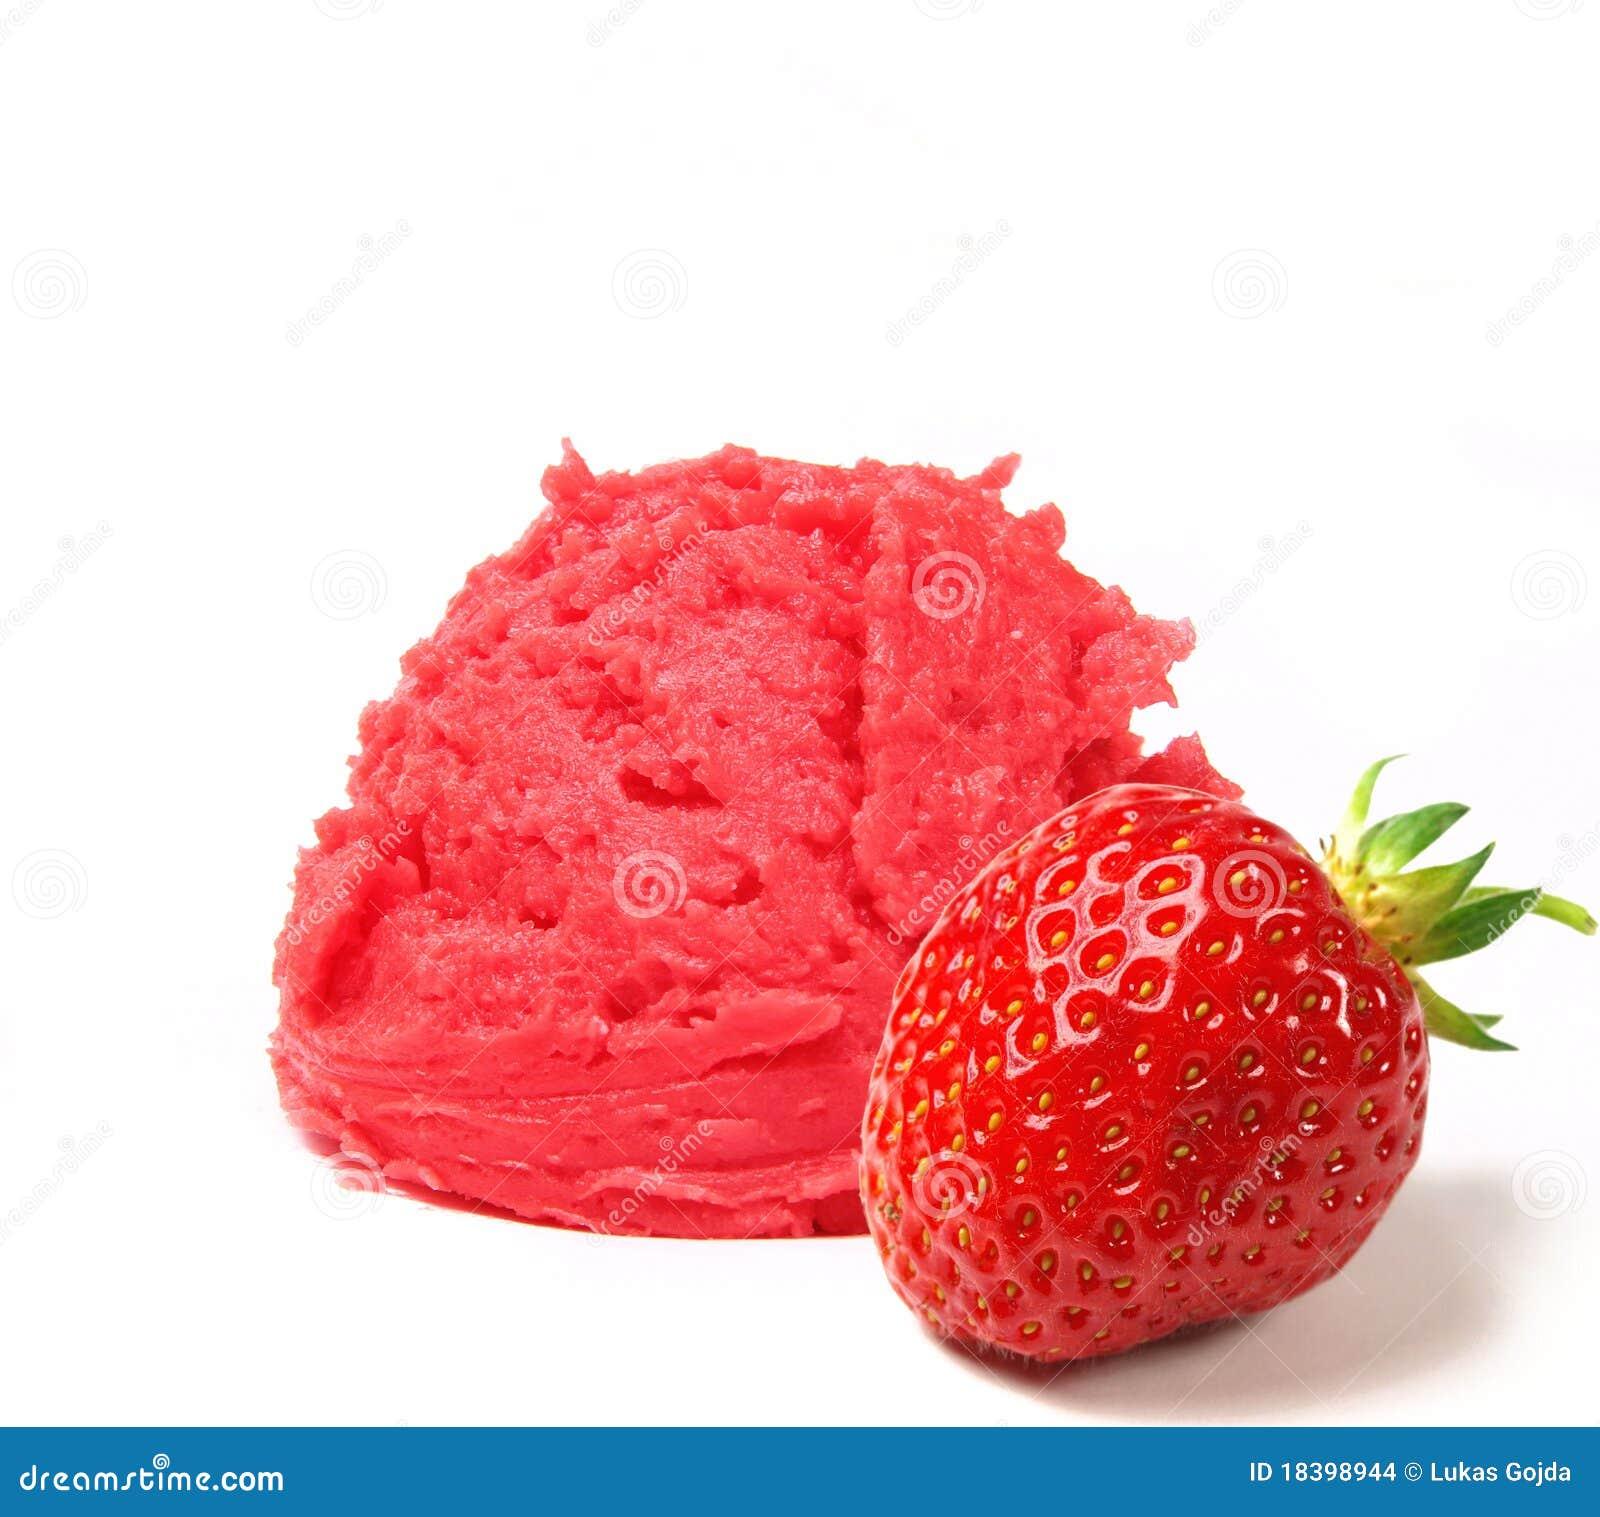 Strawberry Ice Cream Scoop Stock Images - Image: 18398944